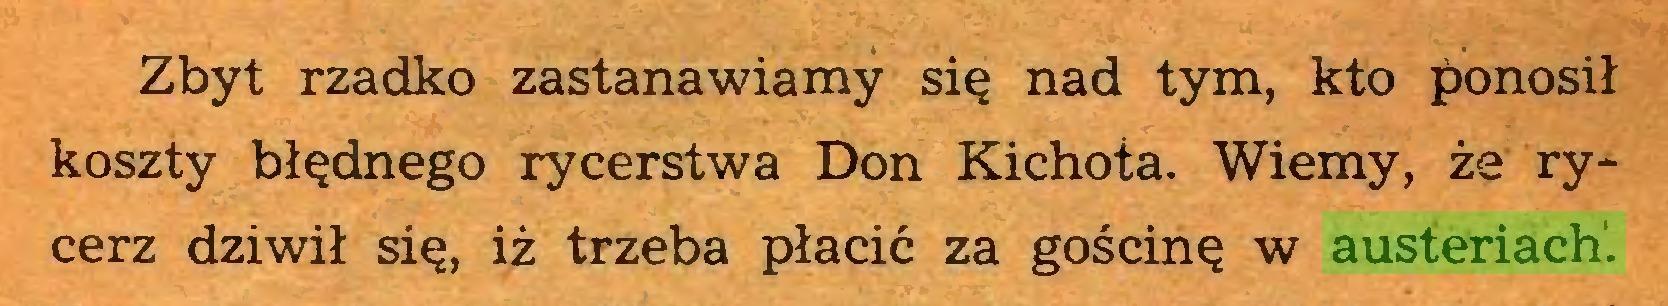 (...) Zbyt rzadko zastanawiamy się nad tym, kto ponosił koszty błędnego rycerstwa Don Kichota. Wiemy, że rycerz dziwił się, iż trzeba płacić za gościnę w austeriach...